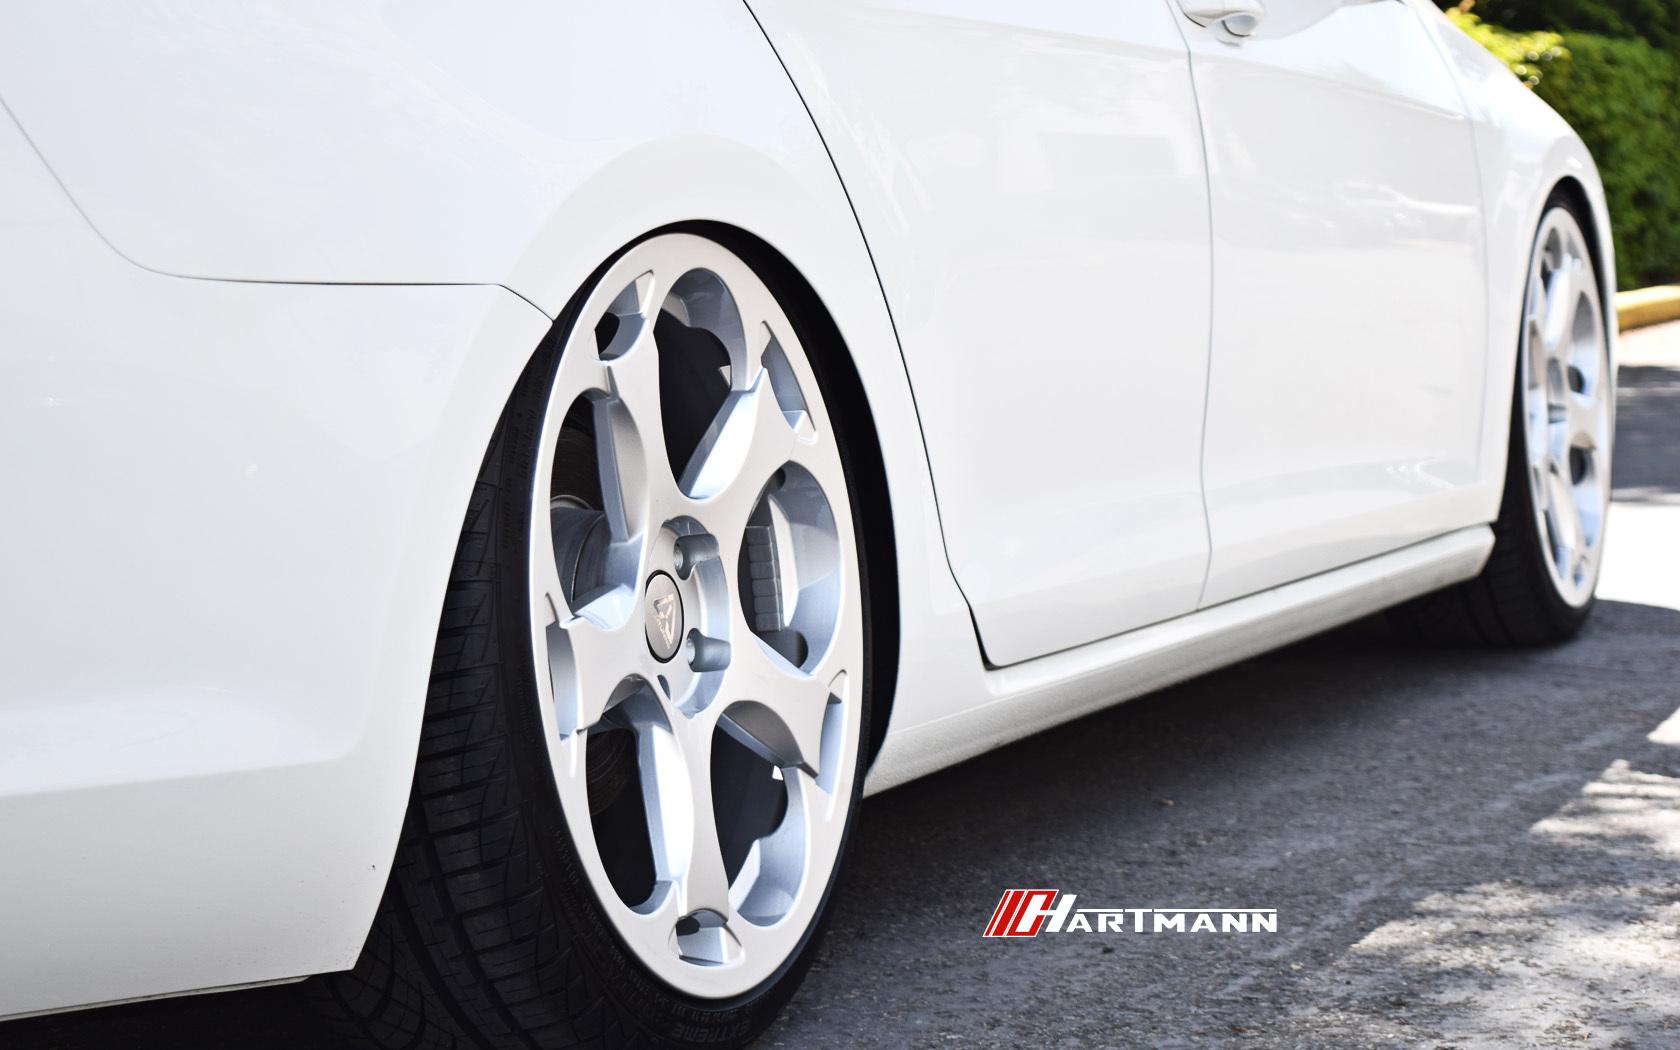 Volkswagen mkvii gsw hartmann wheels g5 gs 19 cj2 hwm